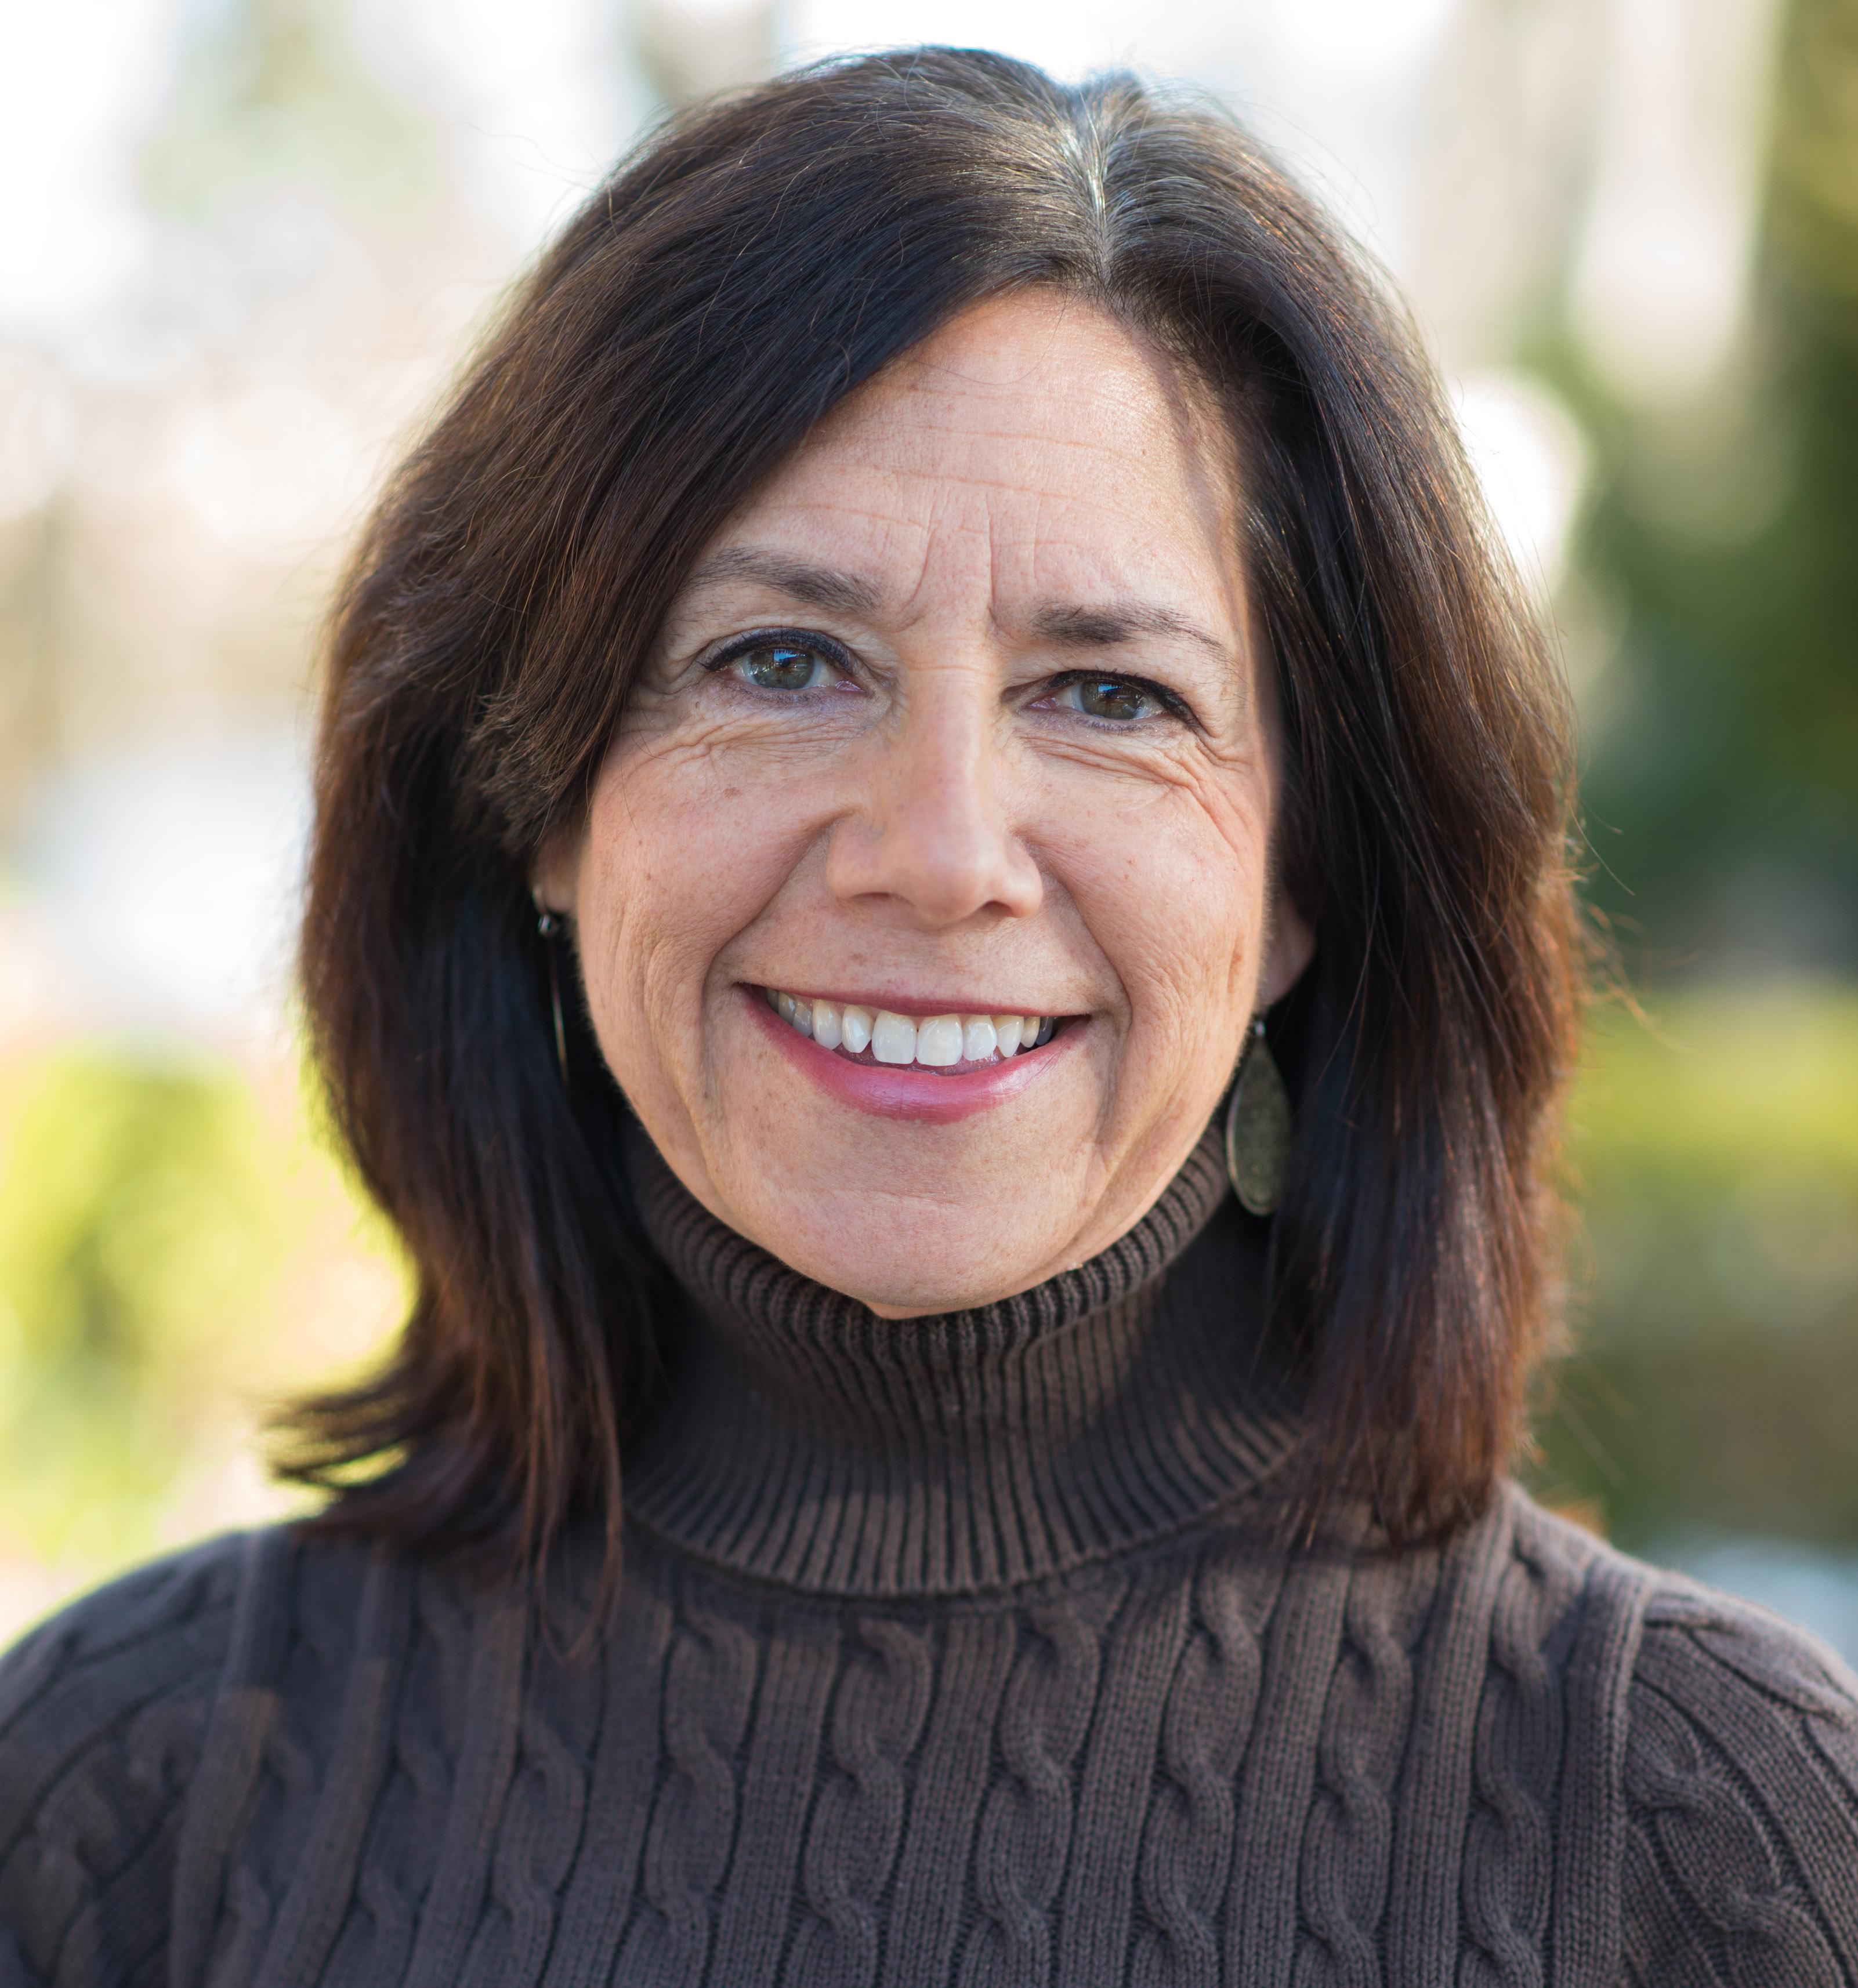 Dr. Jayne Pelletier